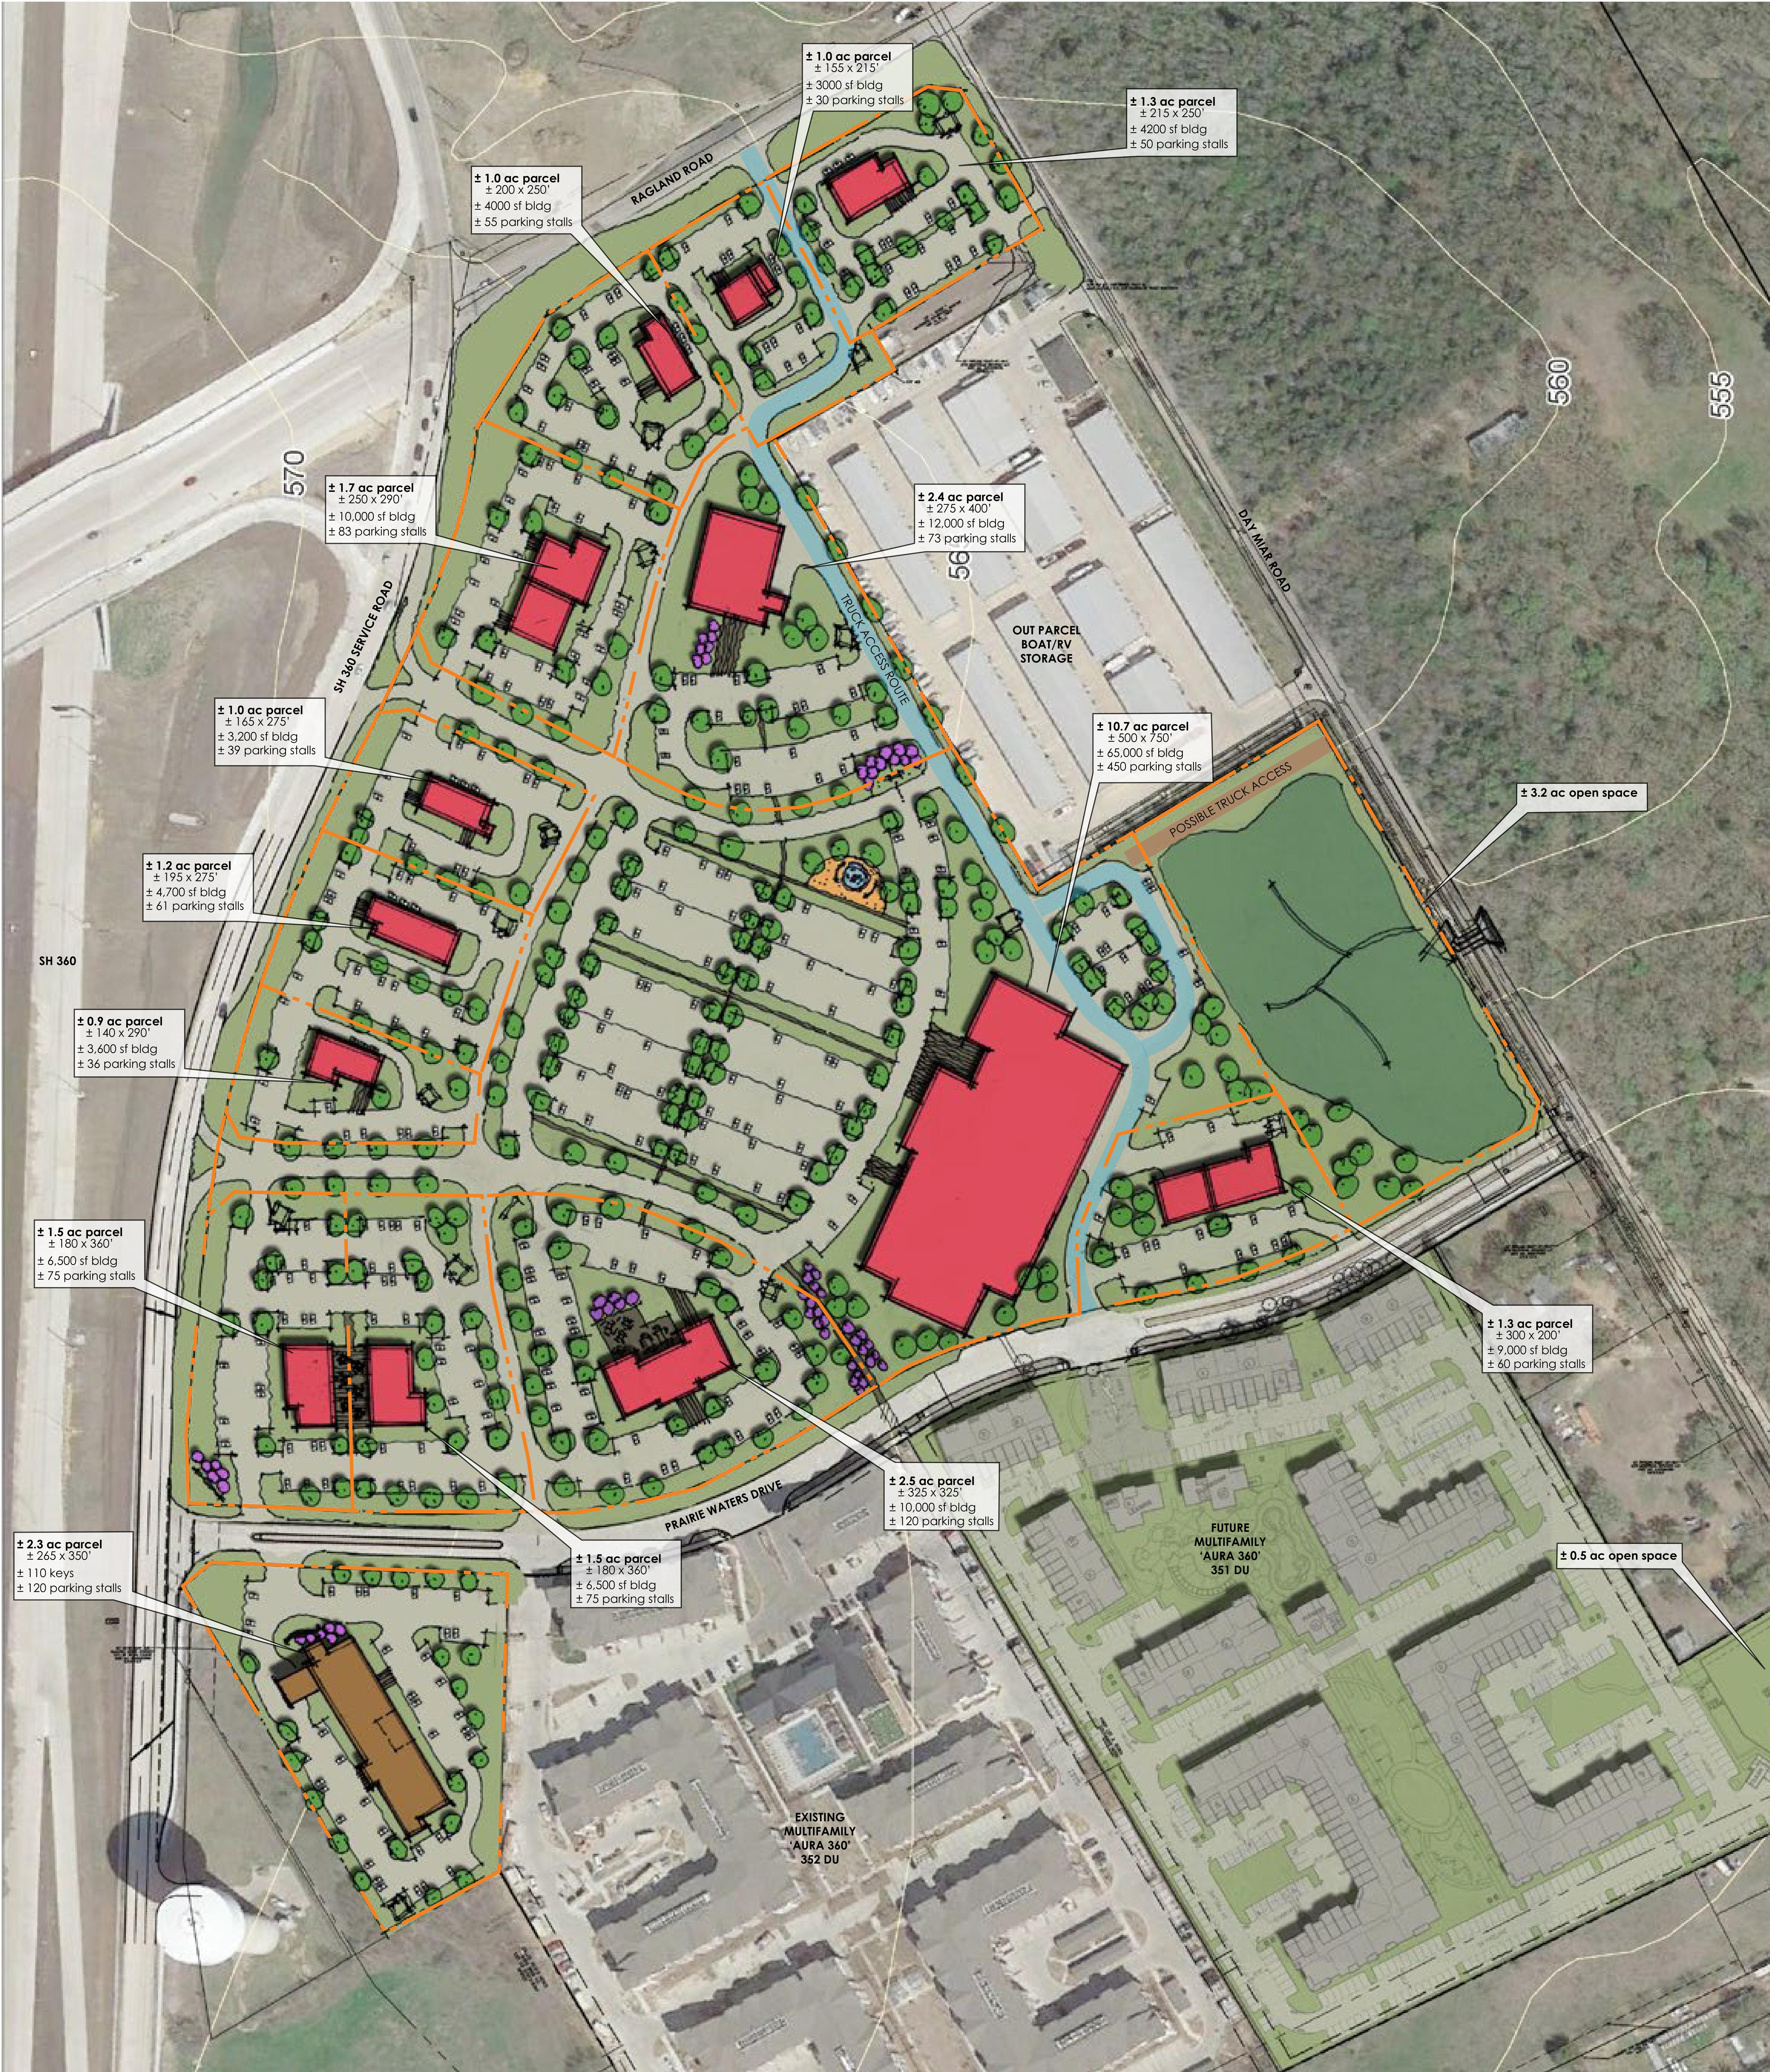 Southgate: site plan